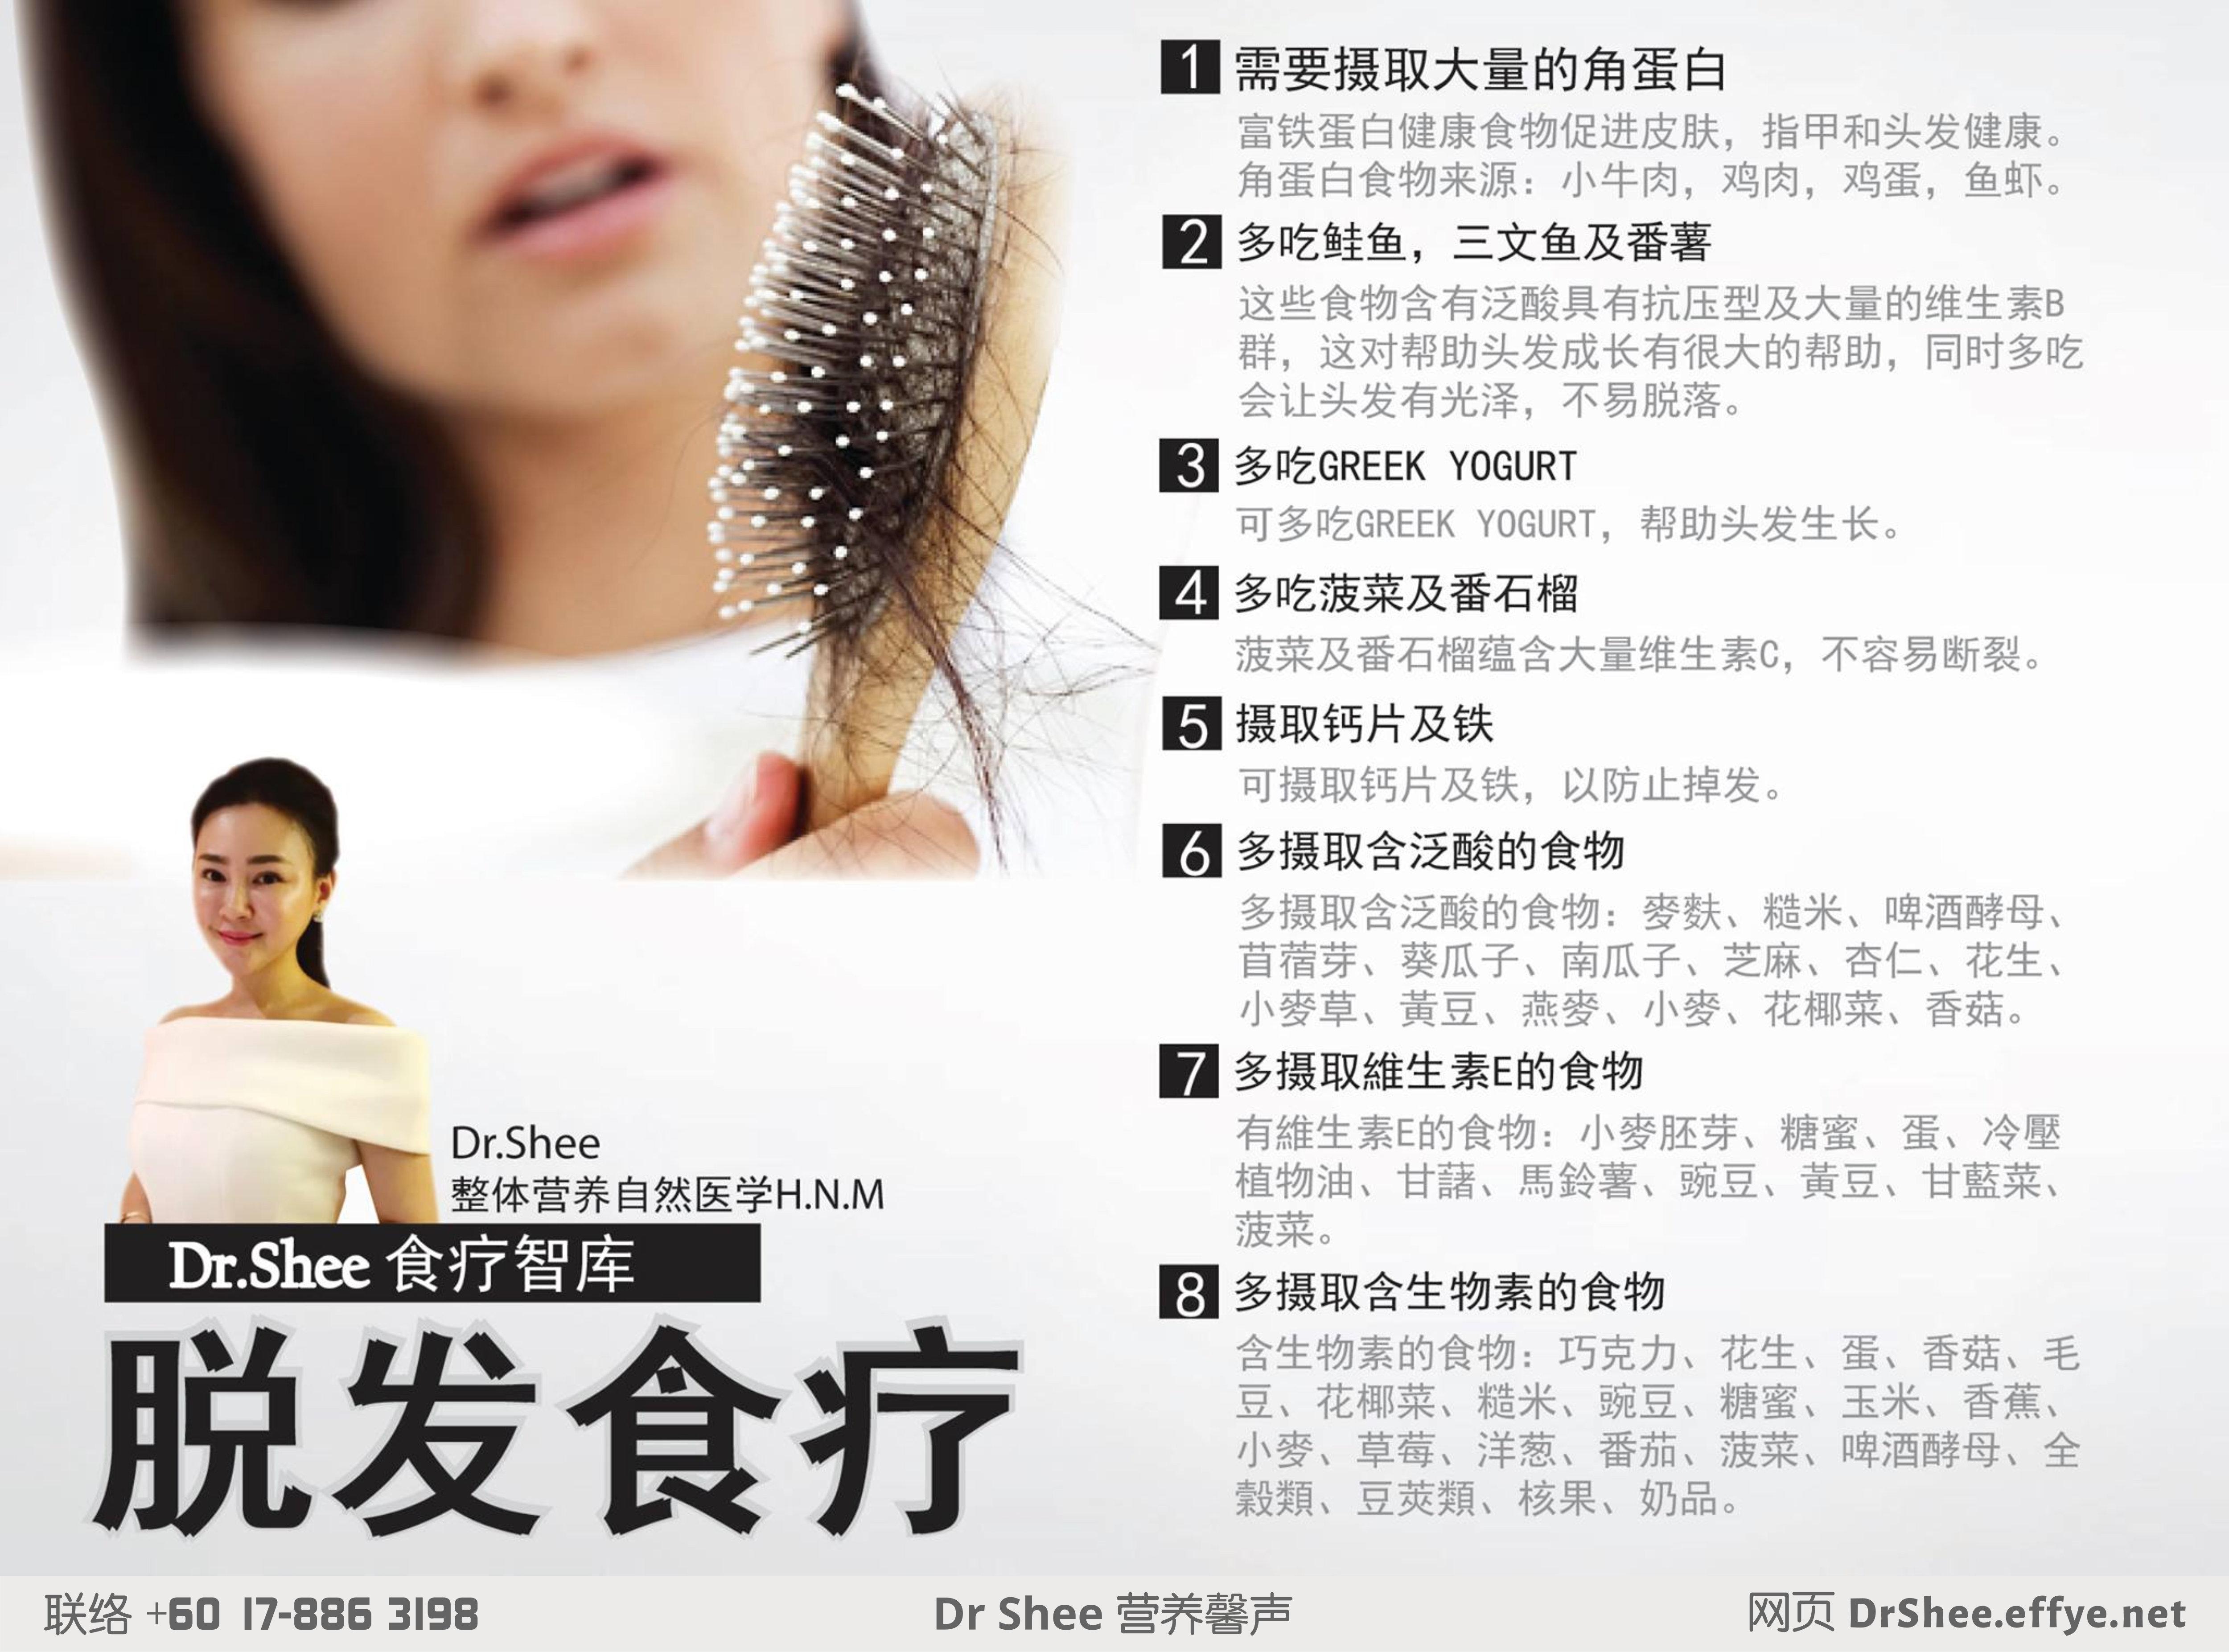 徐悦馨博士 整体营养自然医学 dr axellel shee 营养馨声 你